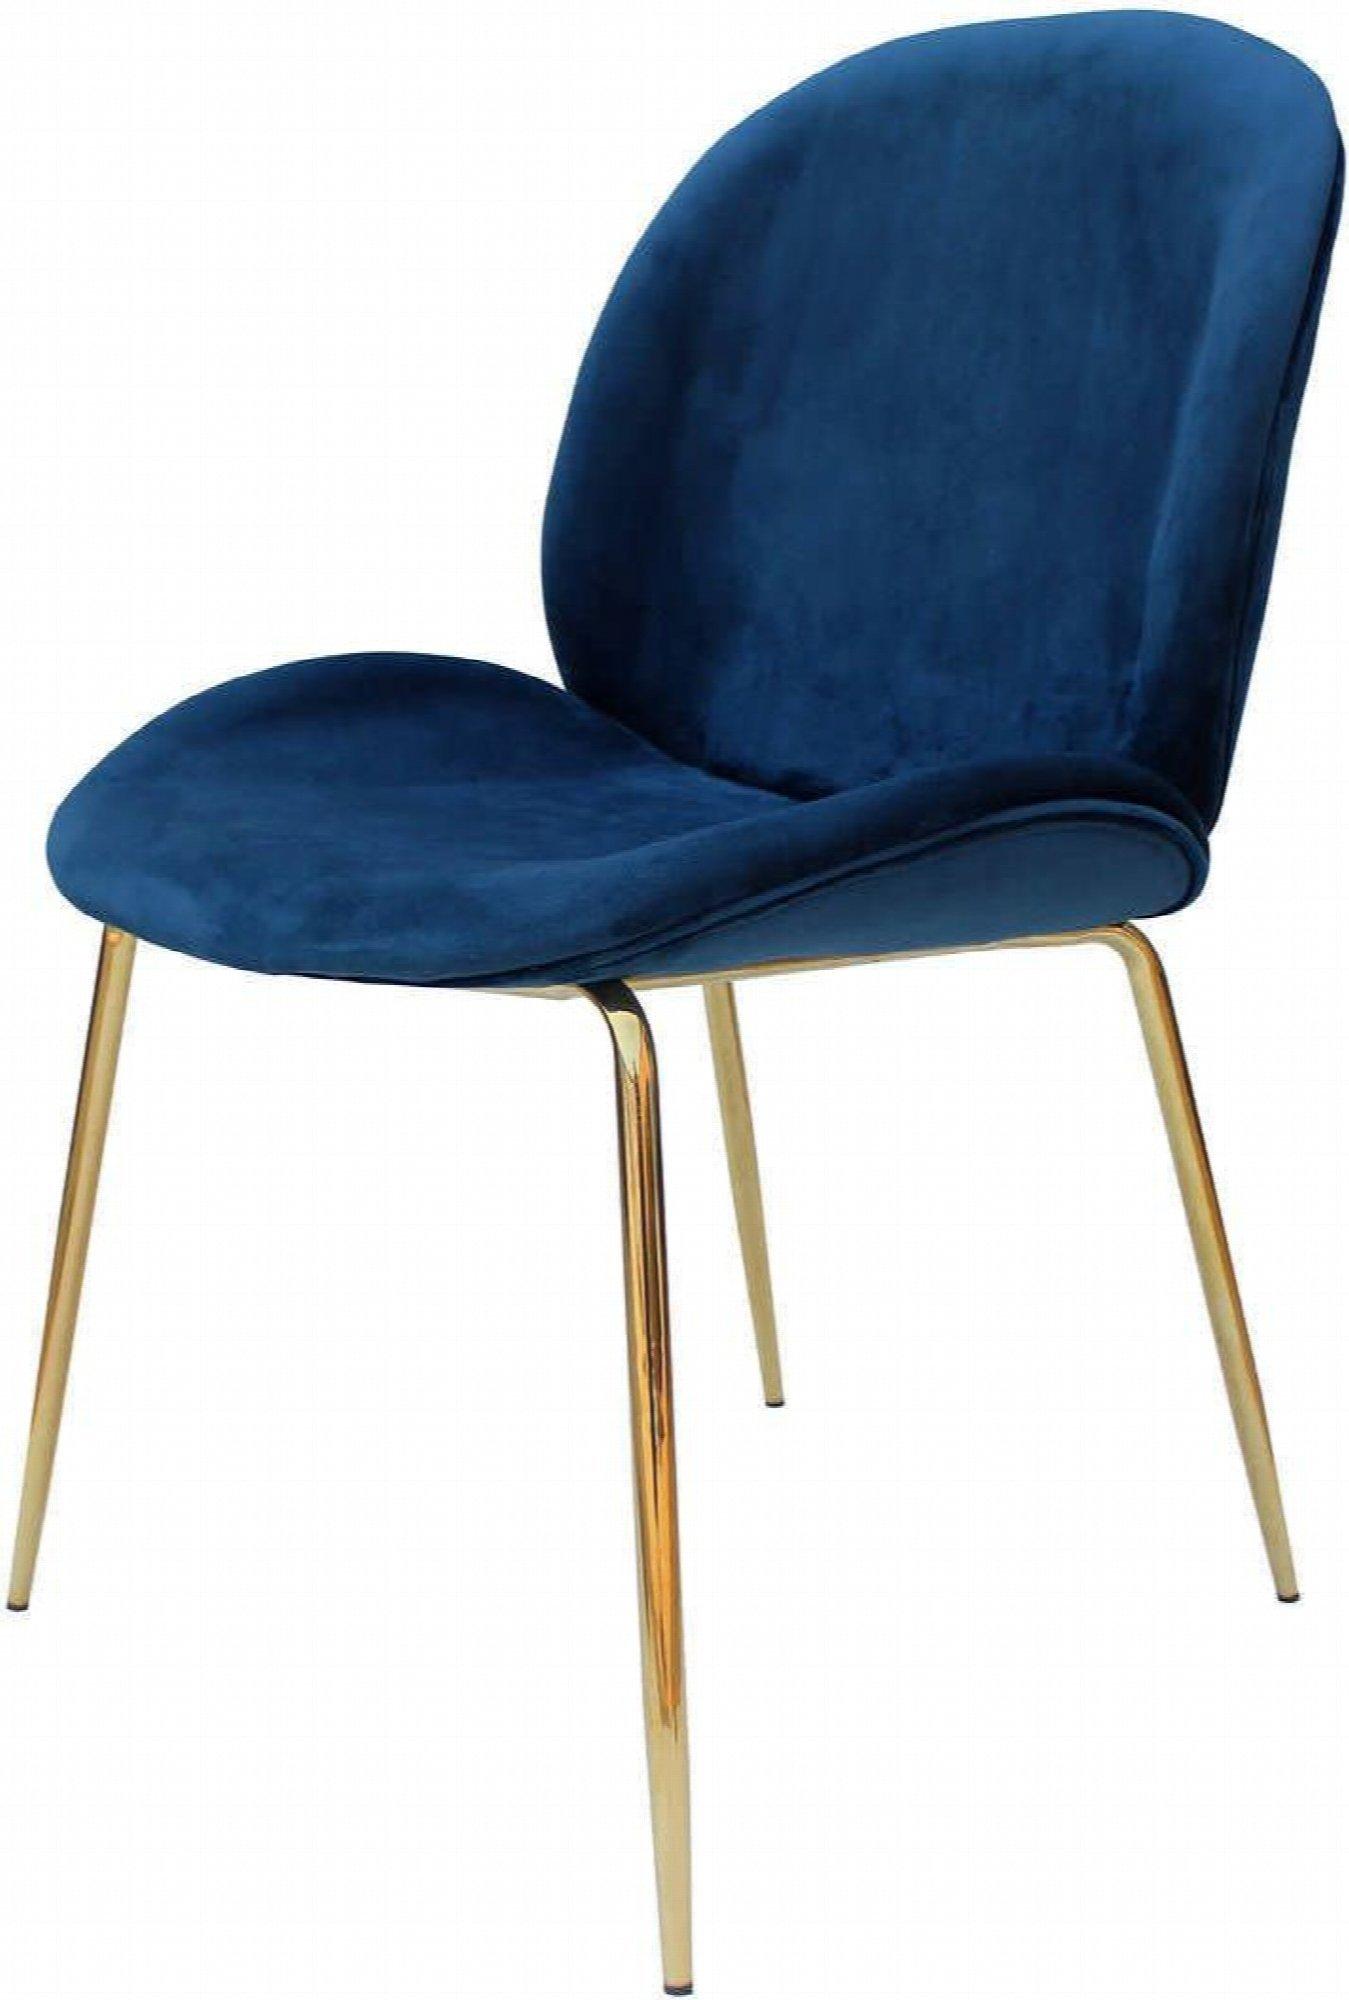 maison du monde Chaise rembourrée assise bleu pétrole pieds doré (lot de 2)